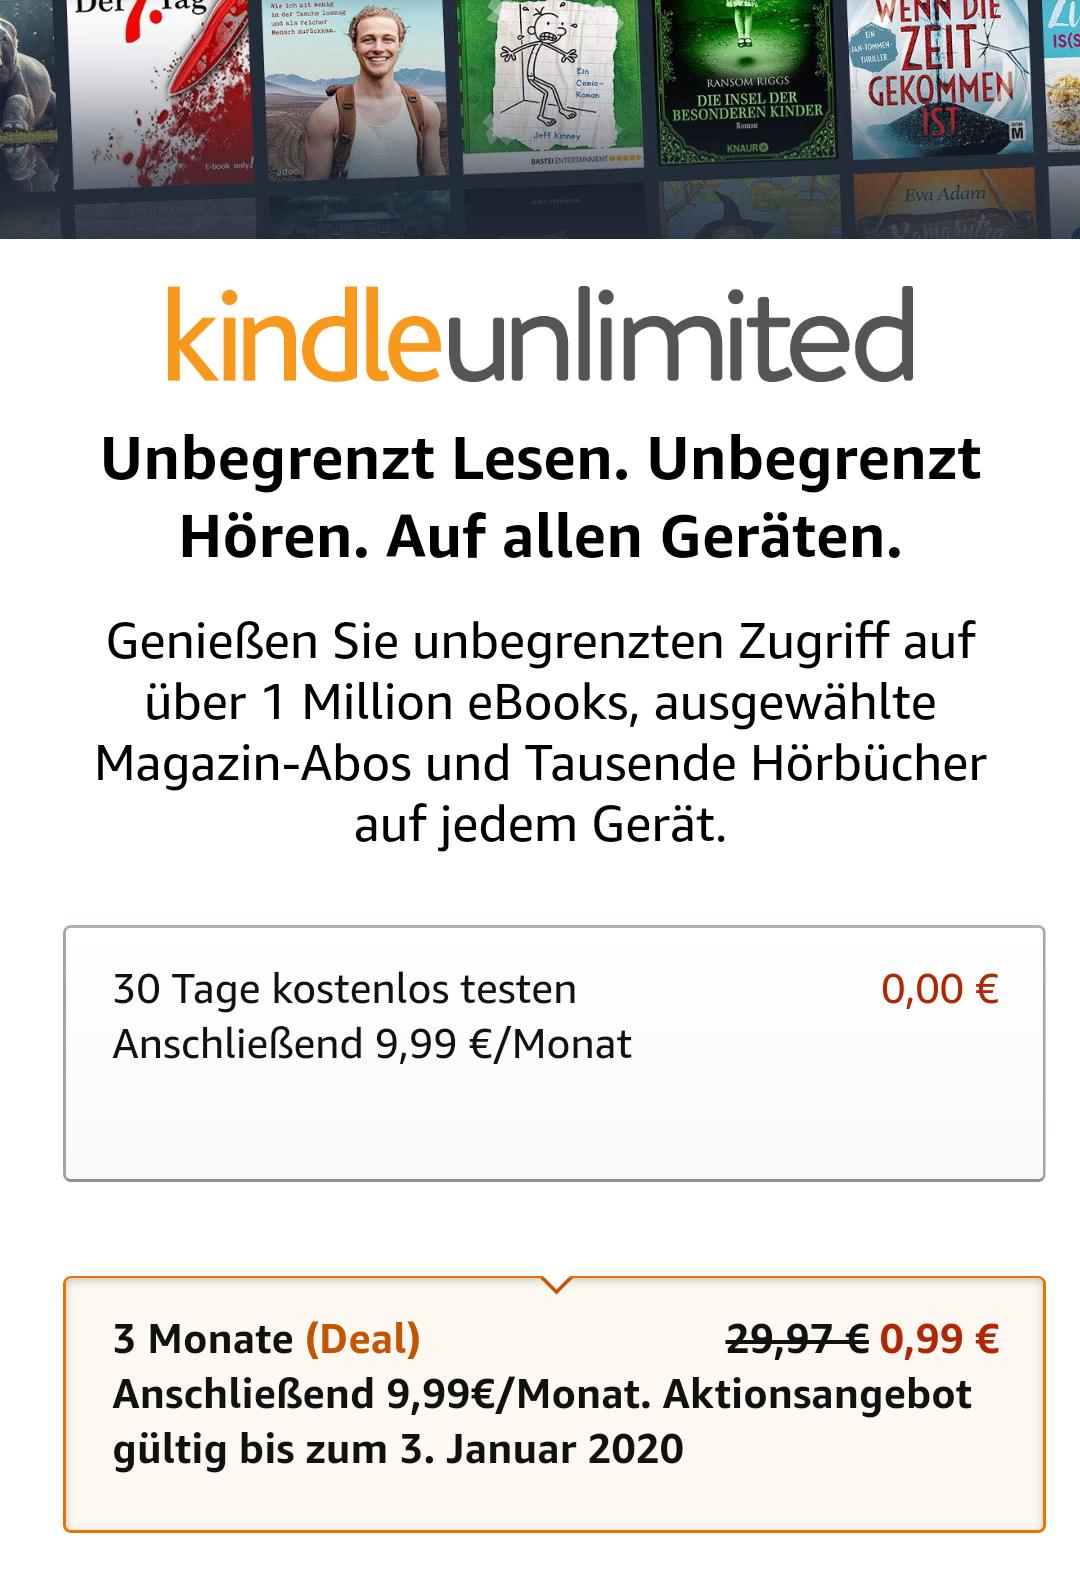 Kindle Unlimited - € 0,99 statt € 29,97/3 Monate